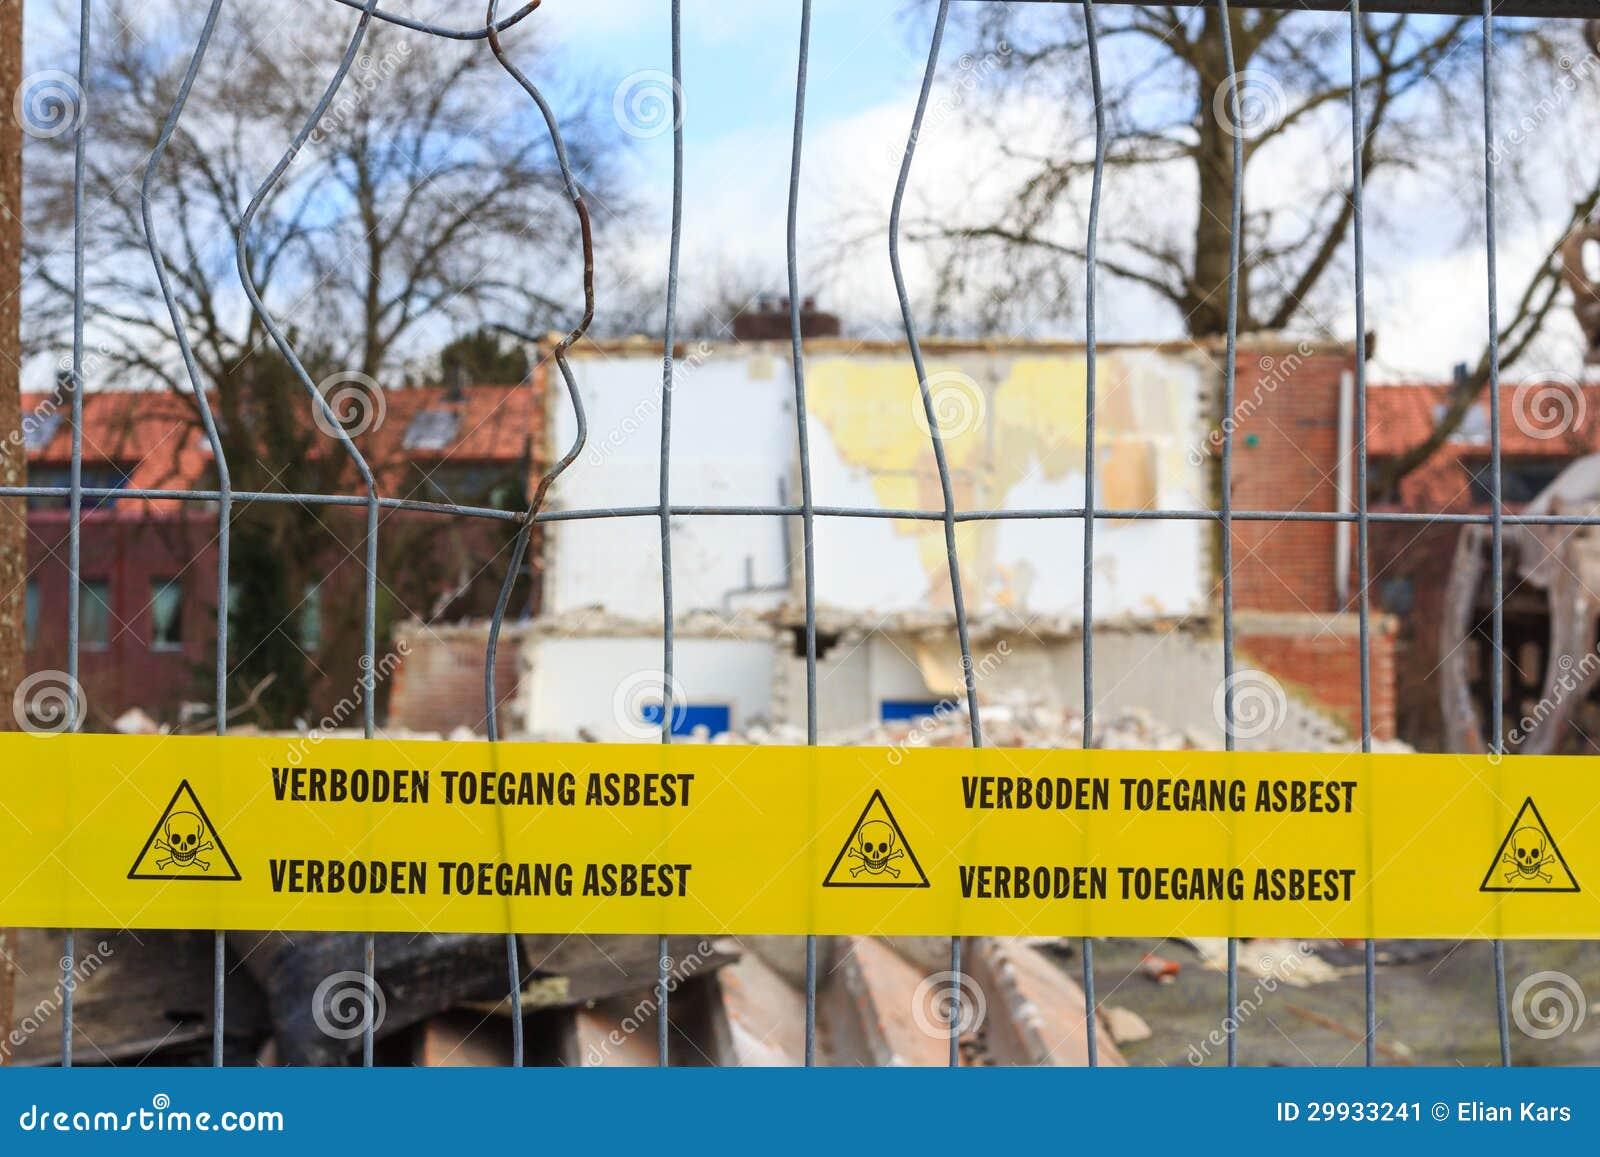 Fita amarela com texto holandês nenhum asbesto infrinjindo